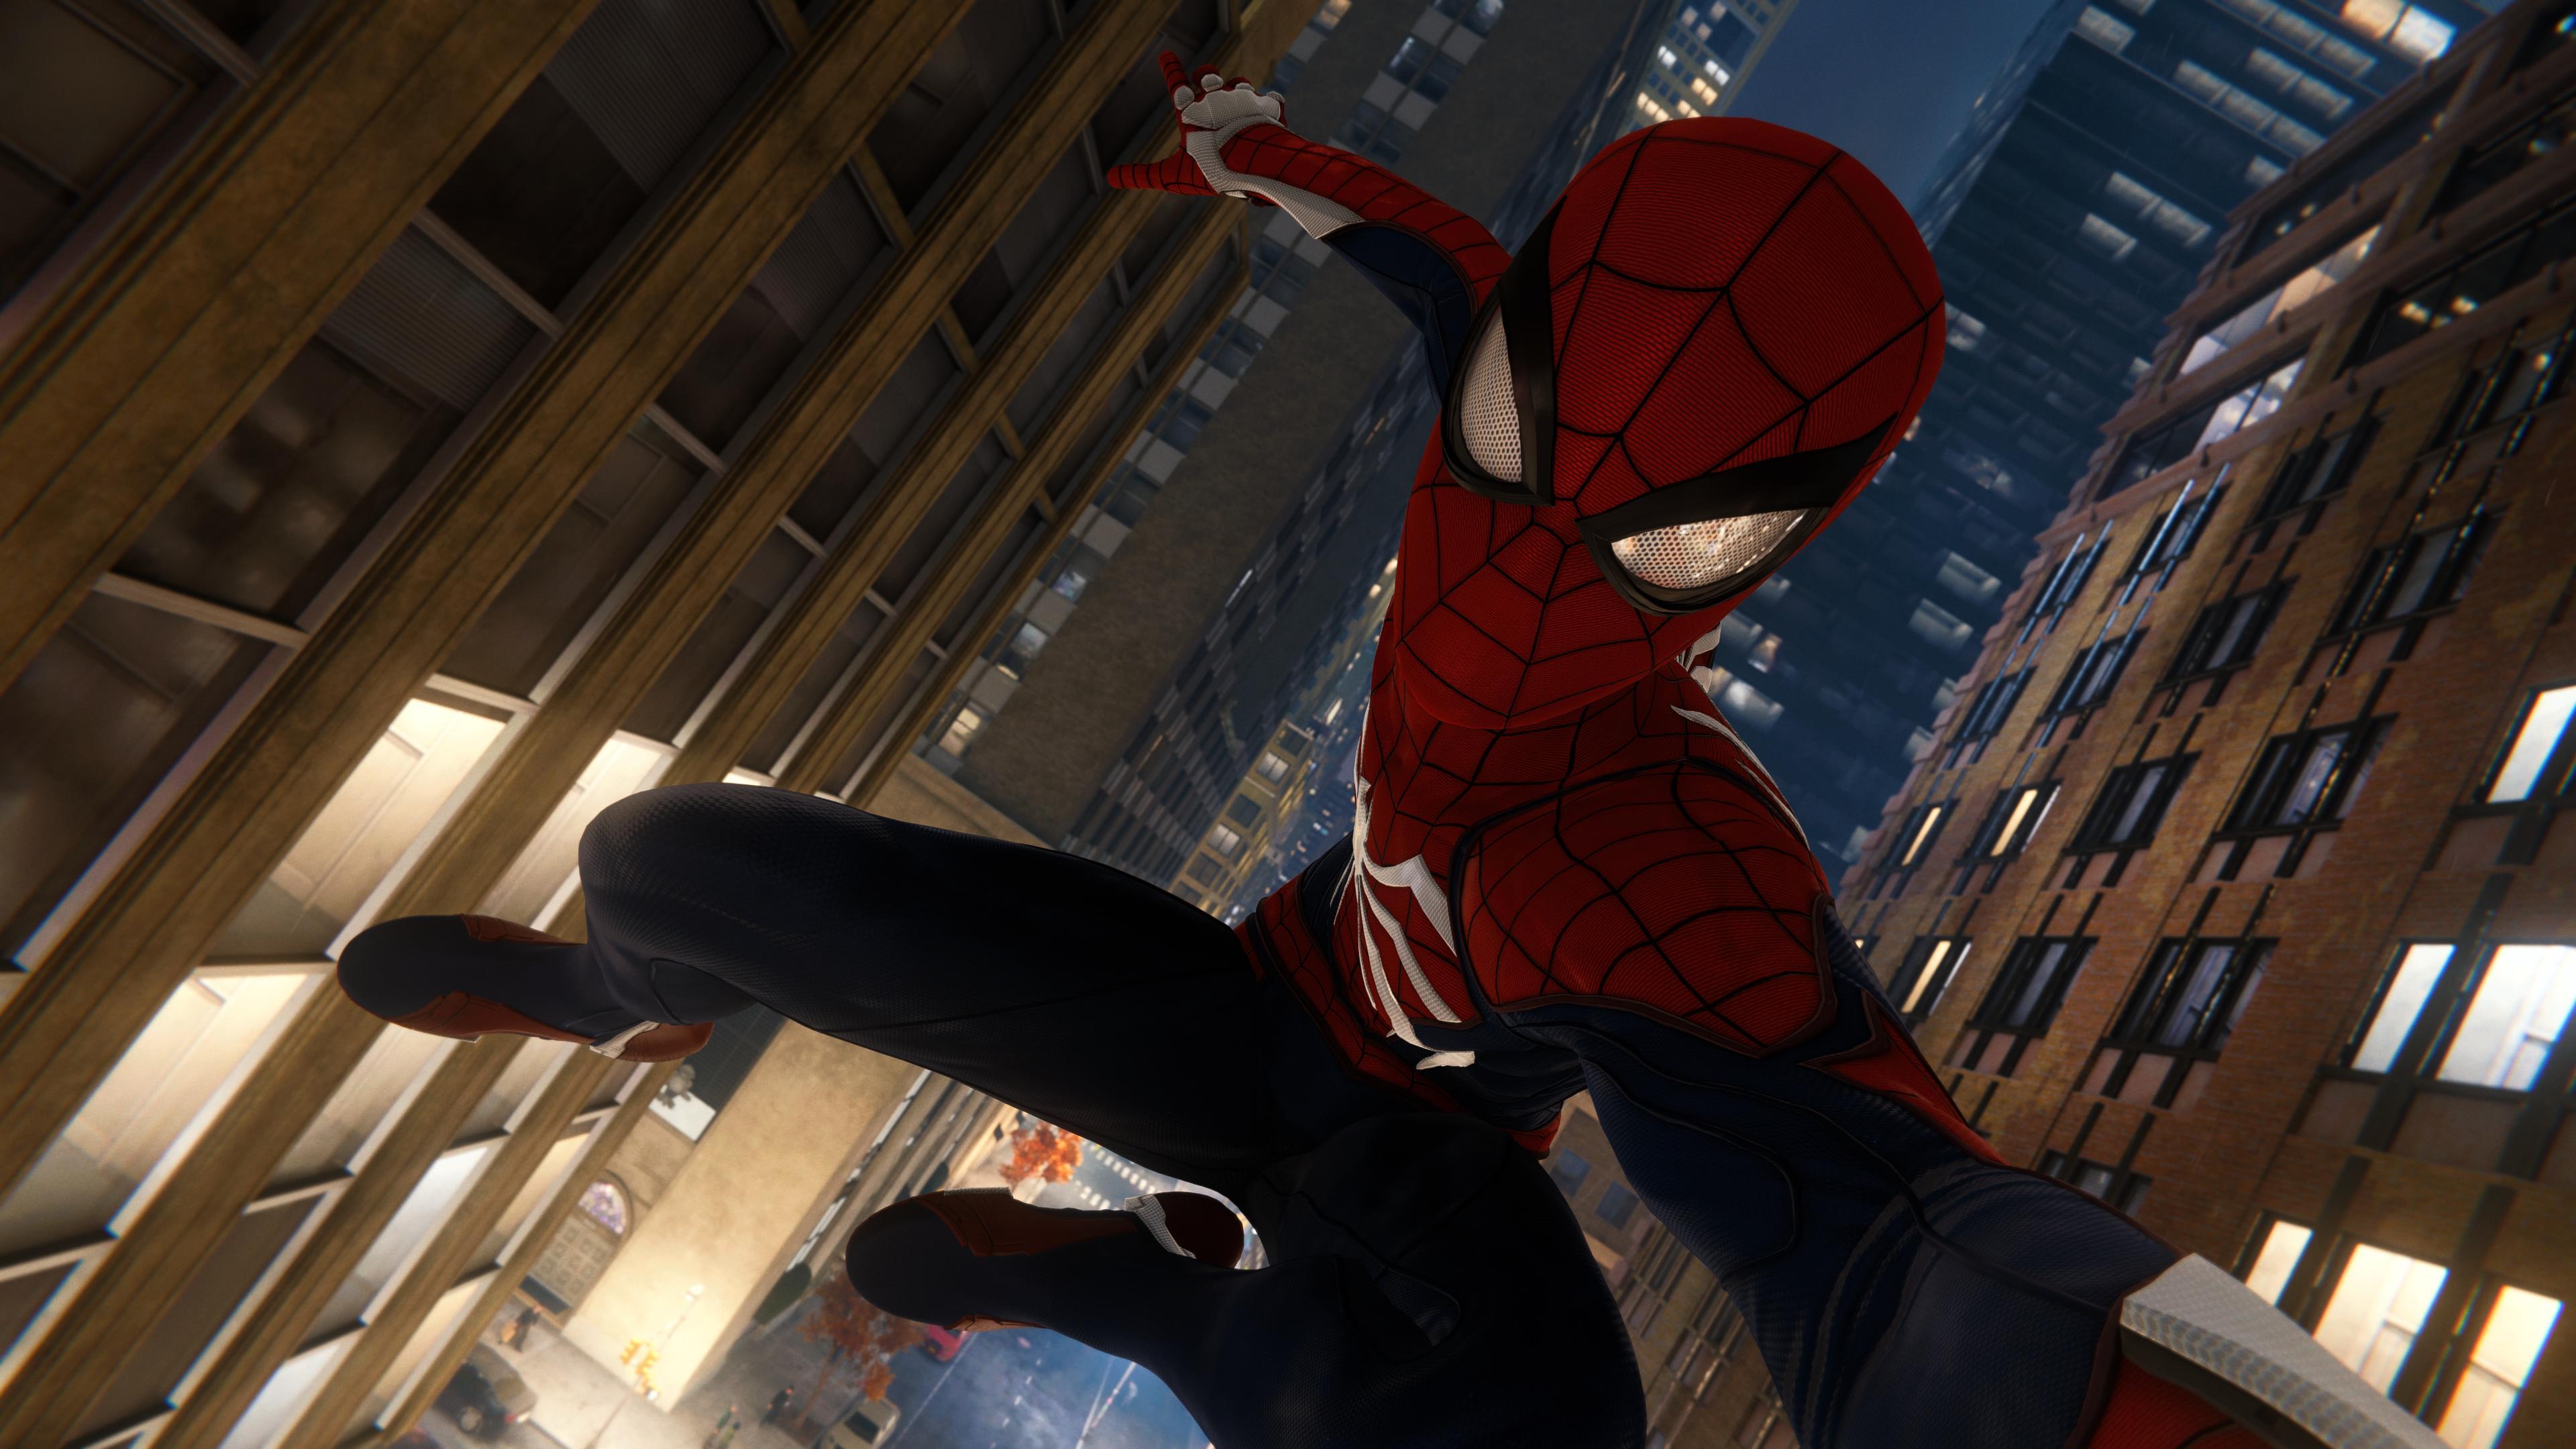 https://i.ibb.co/Fz1qFGk/Marvel-s-Spider-Man-Remastered-20210511204022.jpg